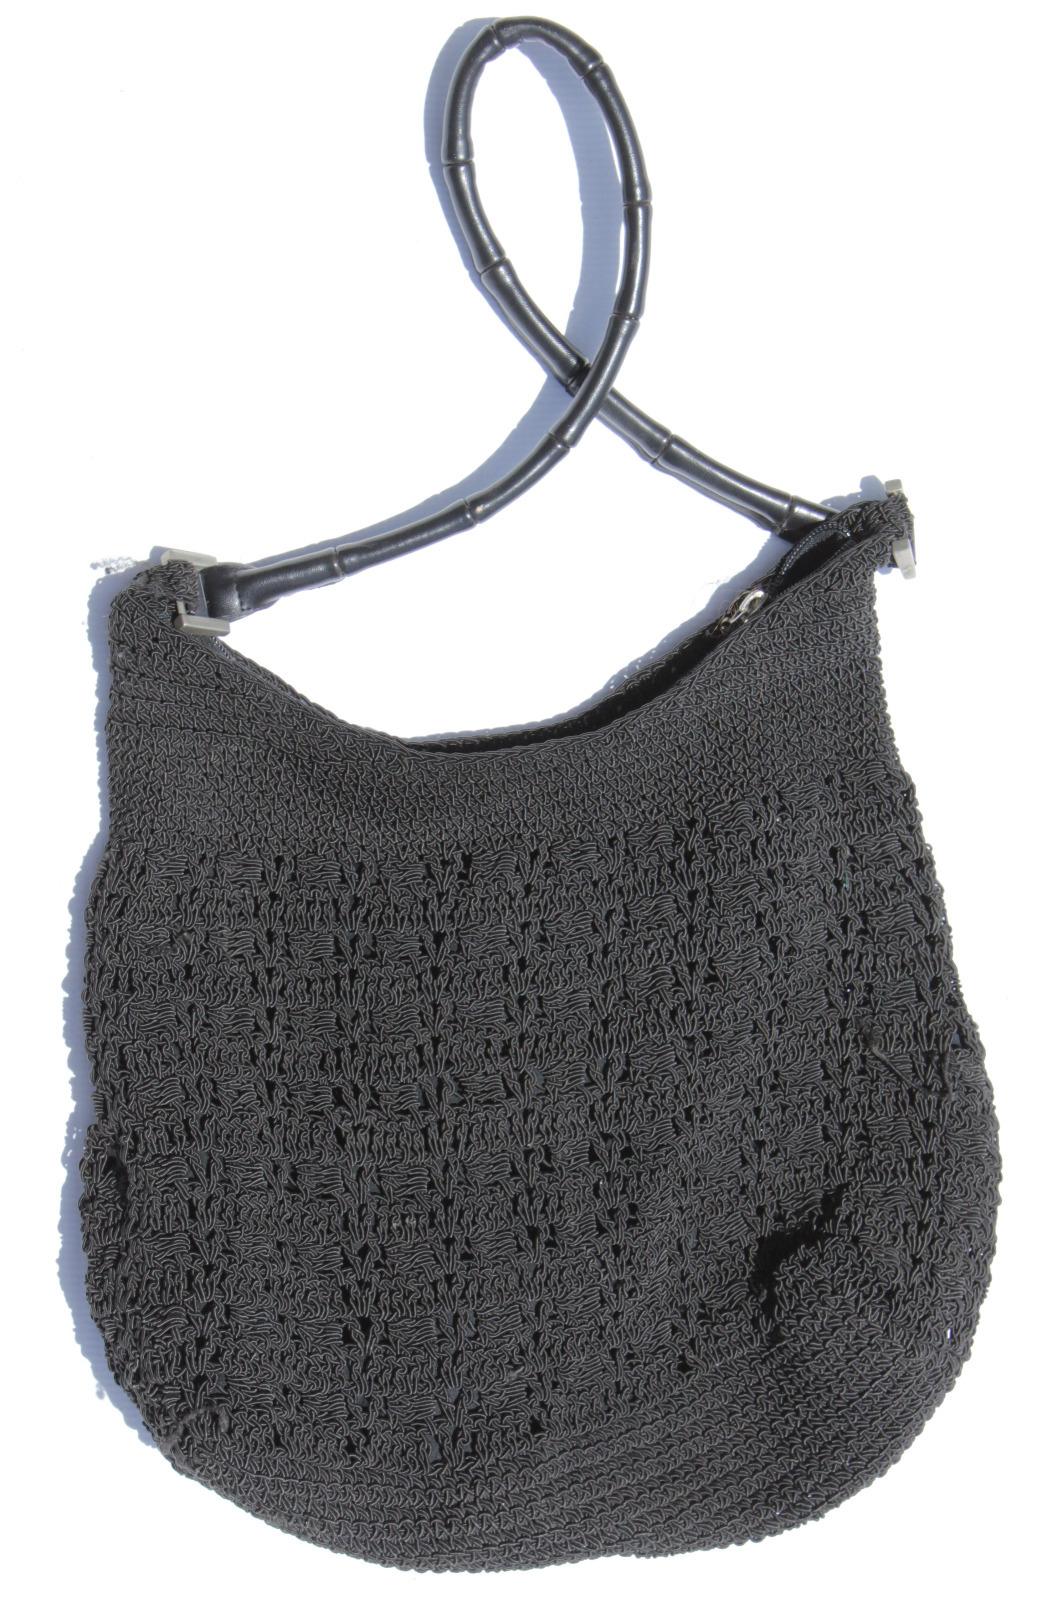 Black Netted Handbag